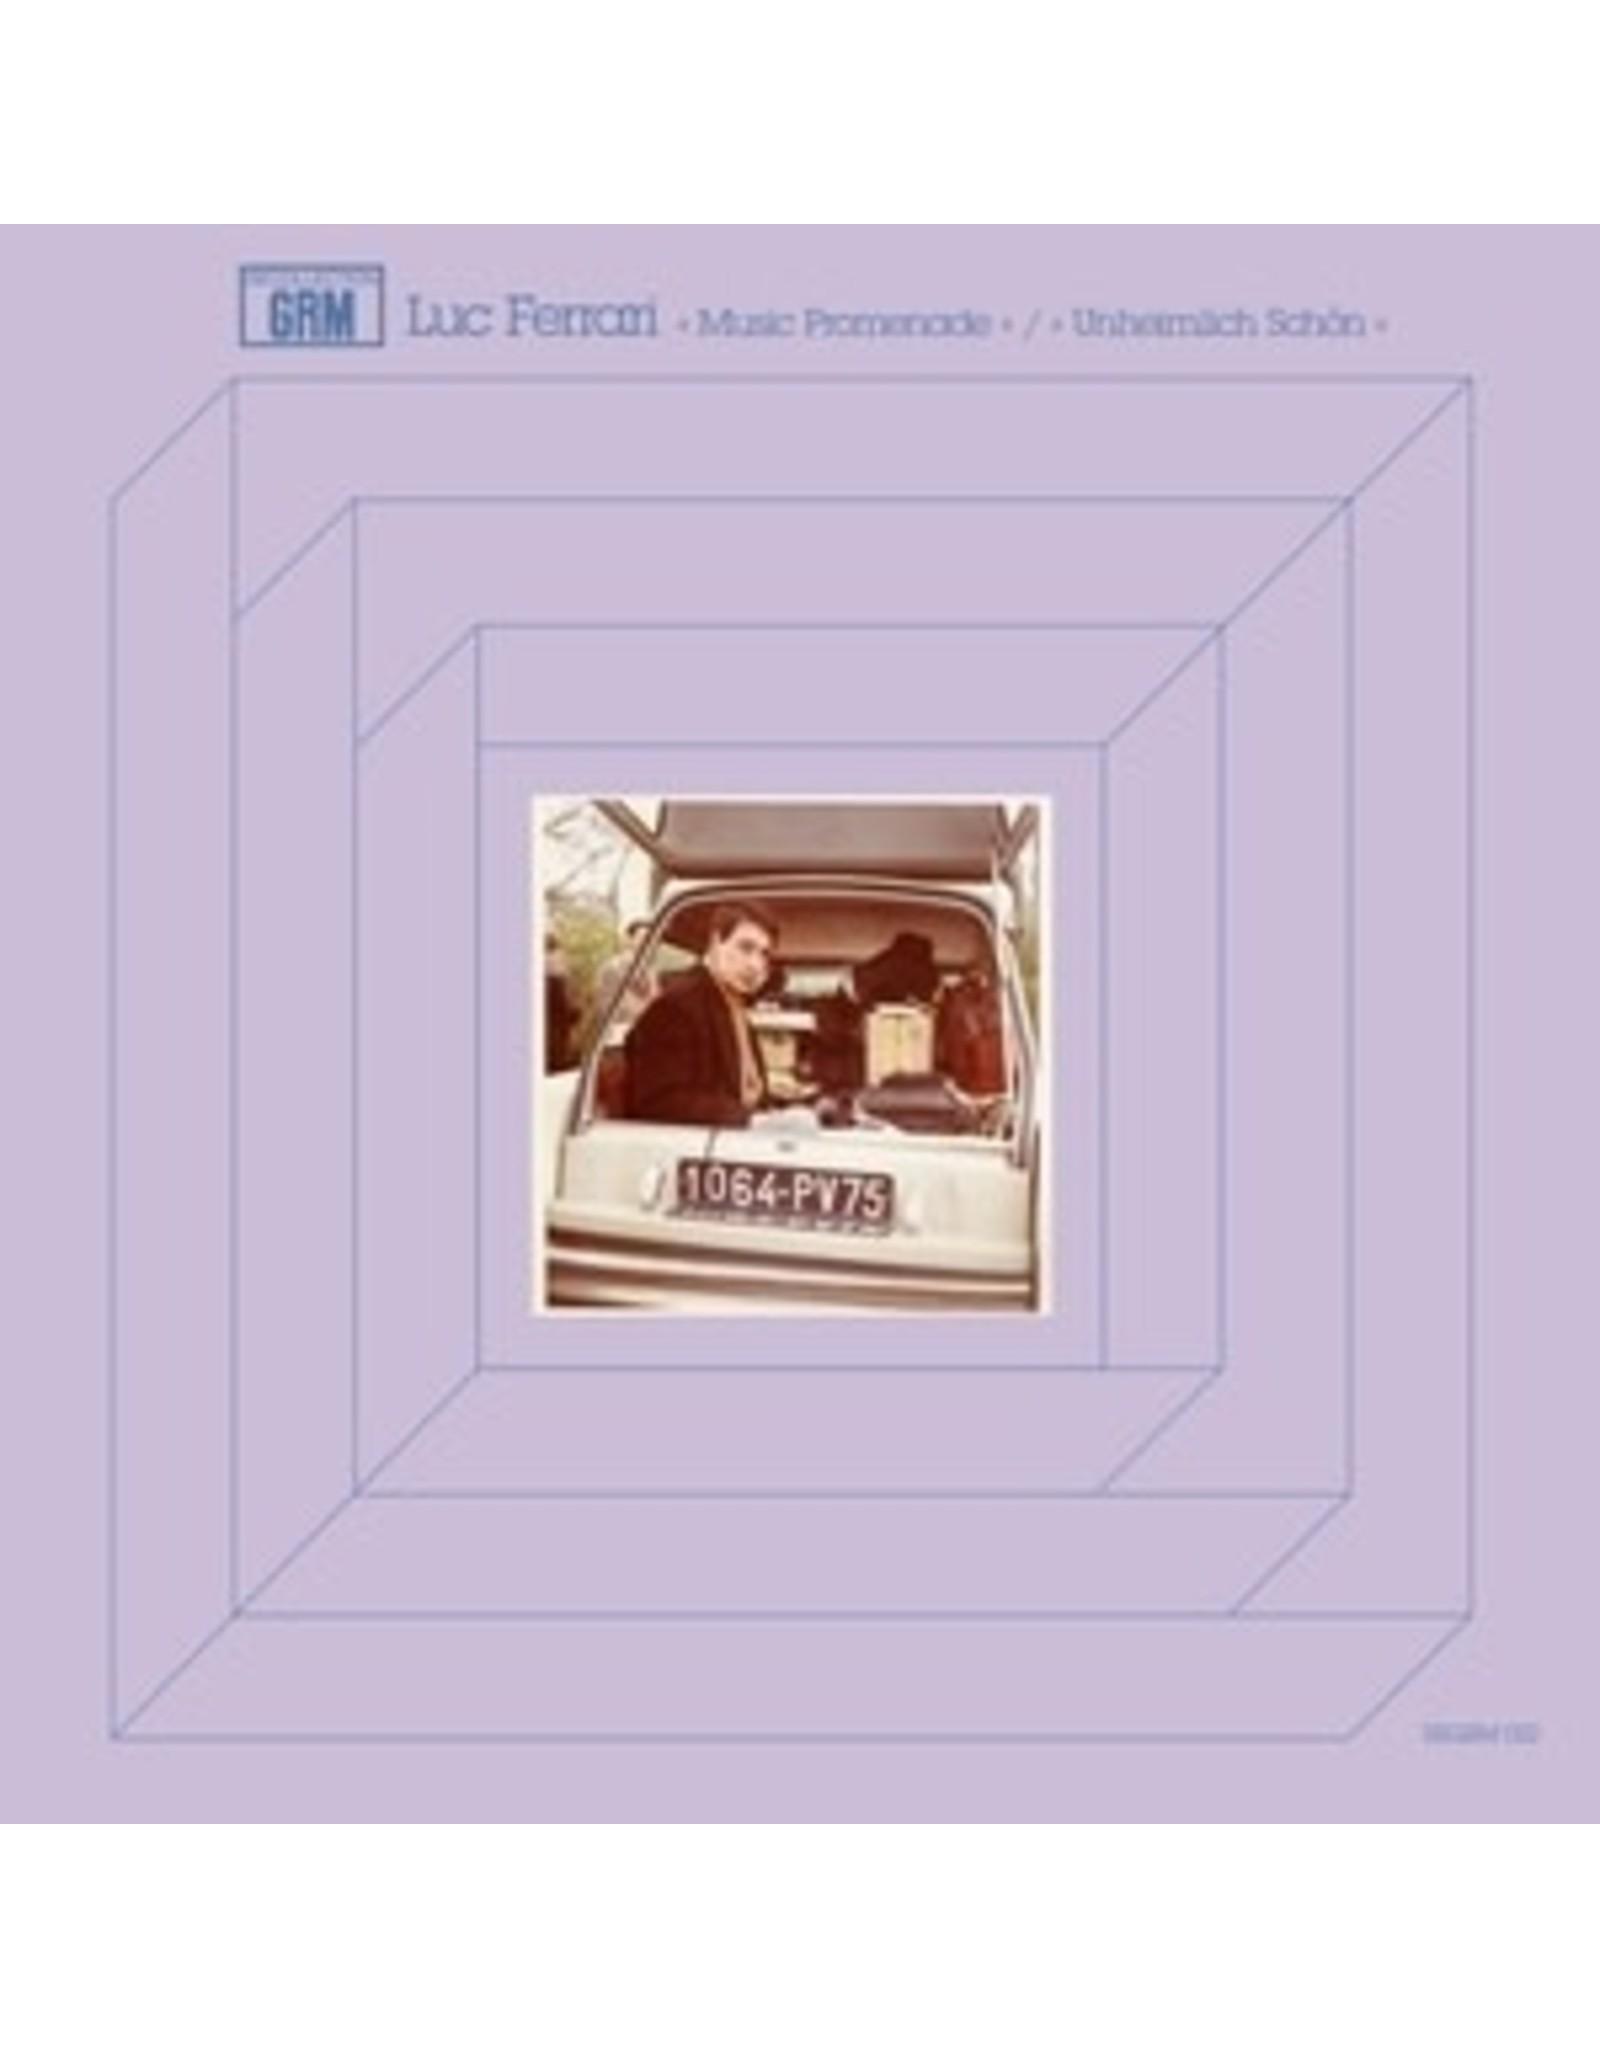 ReGRM Ferrari, Luc: Music Promenade LP